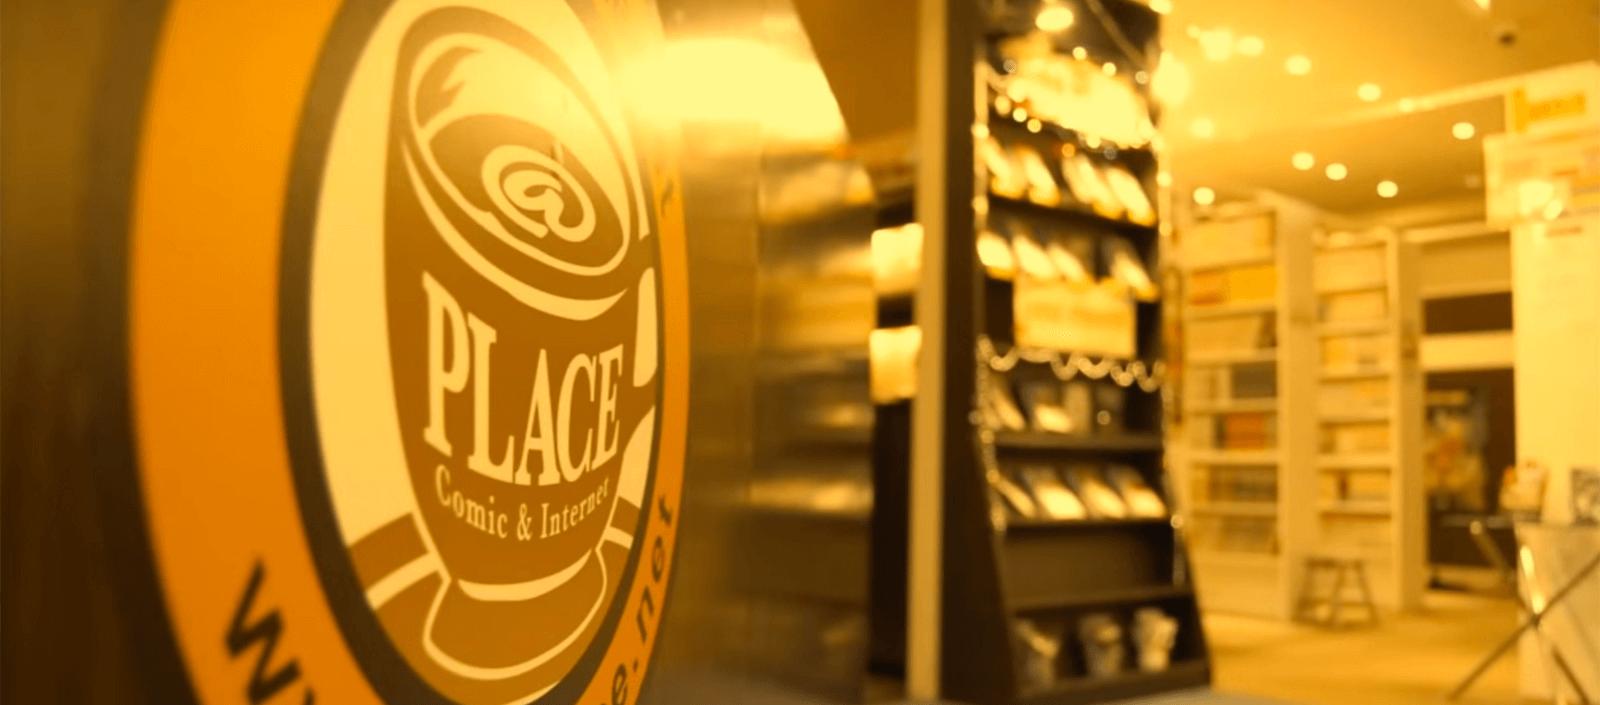 @PLACE入口にはコーヒーカップをイメージしたロゴが大きくプリントされています。